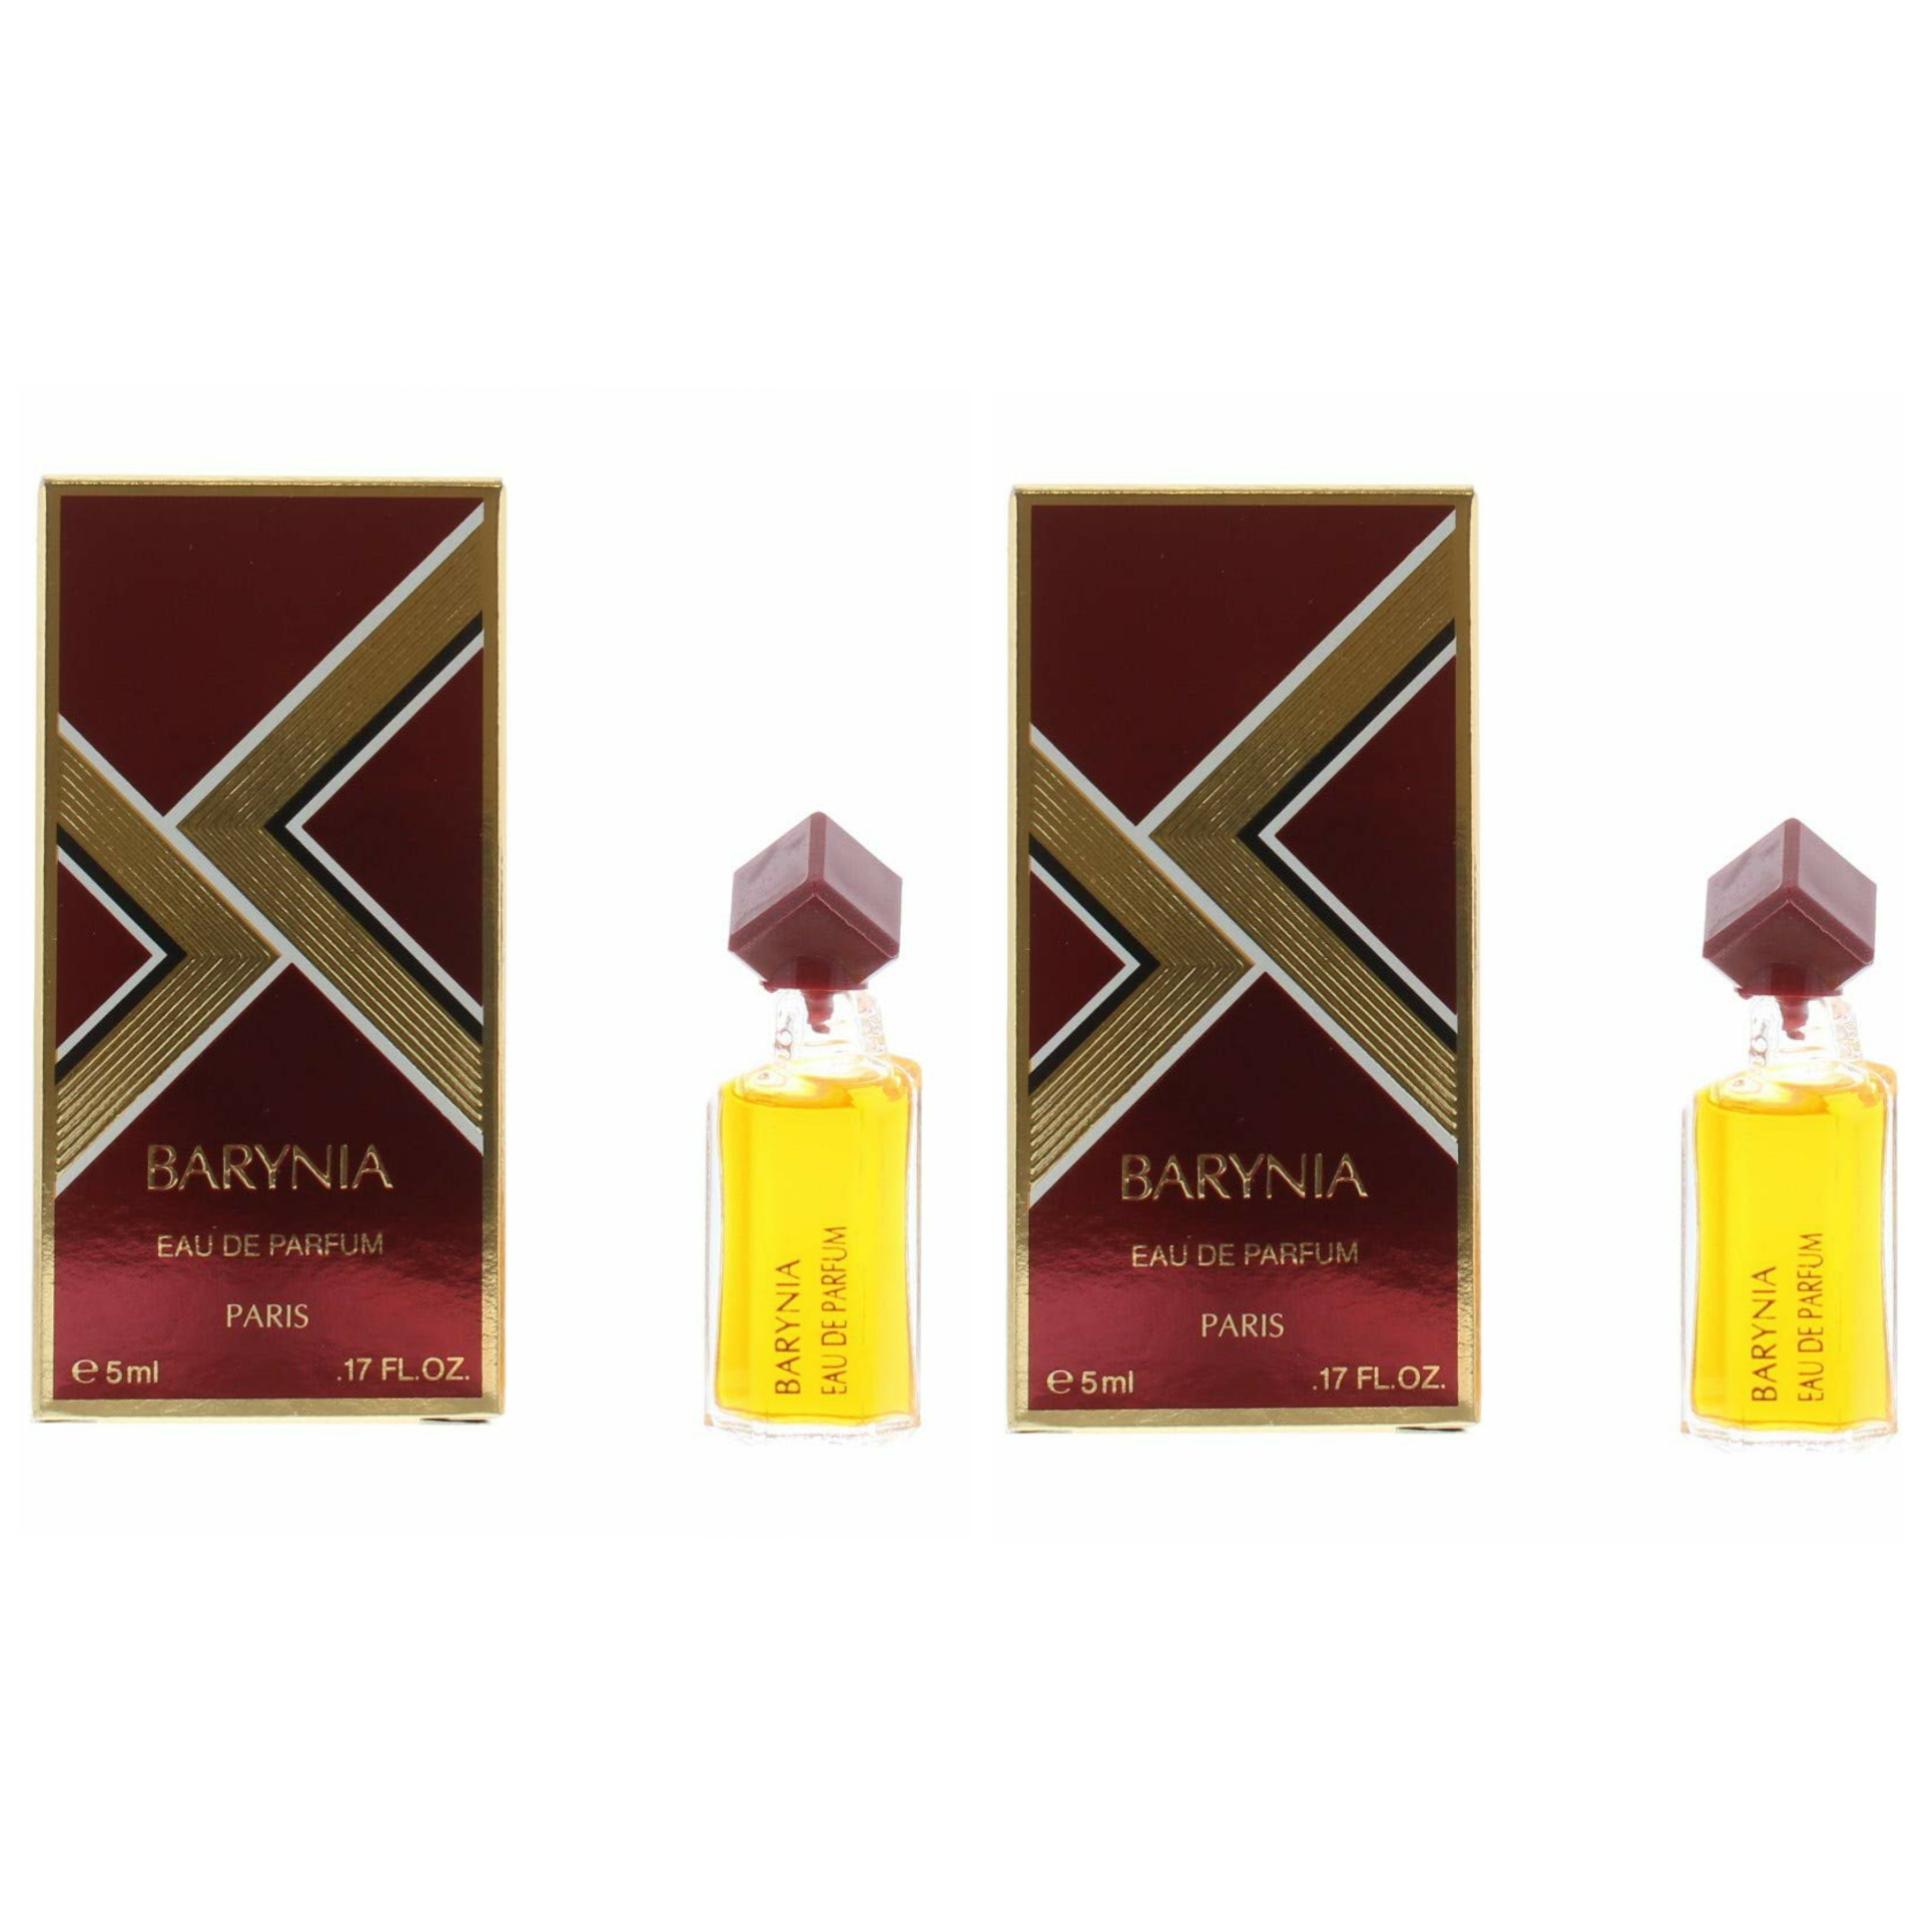 Barynia Eau De Parfum 5ml